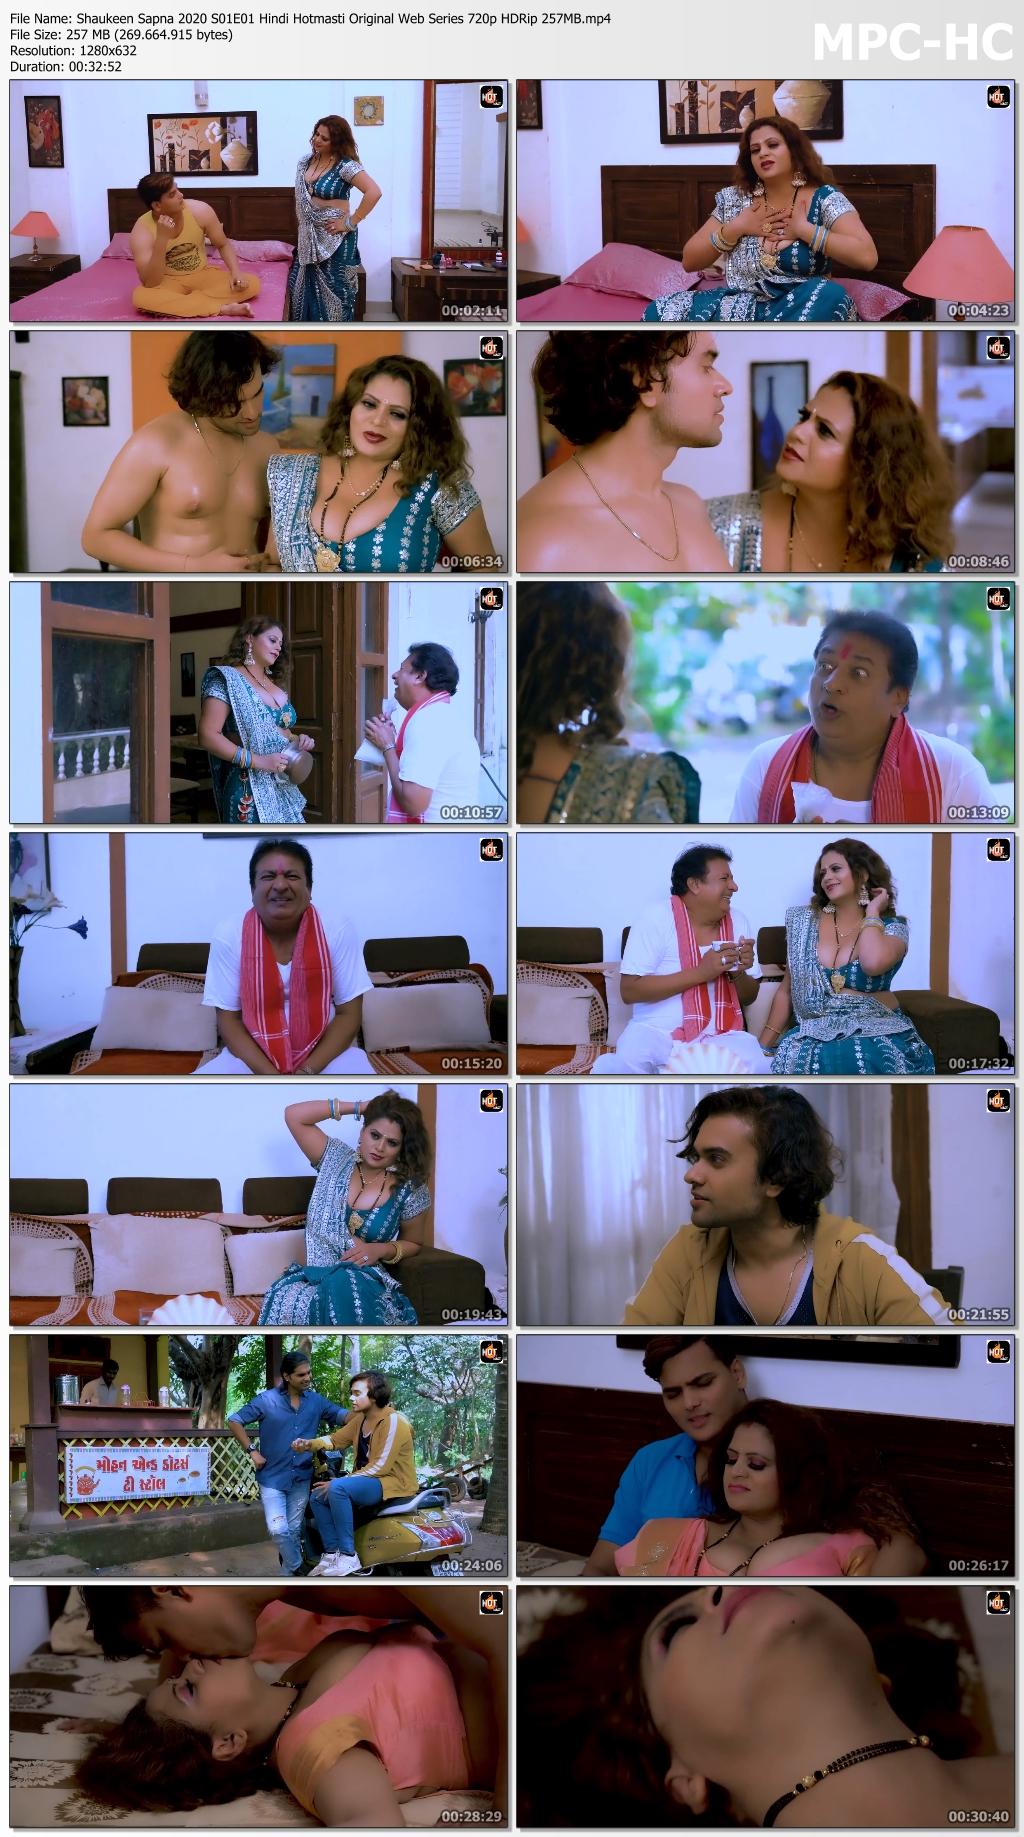 Shaukeen-Sapna-2020-S01-E01-Hindi-Hotmasti-Original-Web-Series-720p-HDRip-257-MB-mp4-thumbs